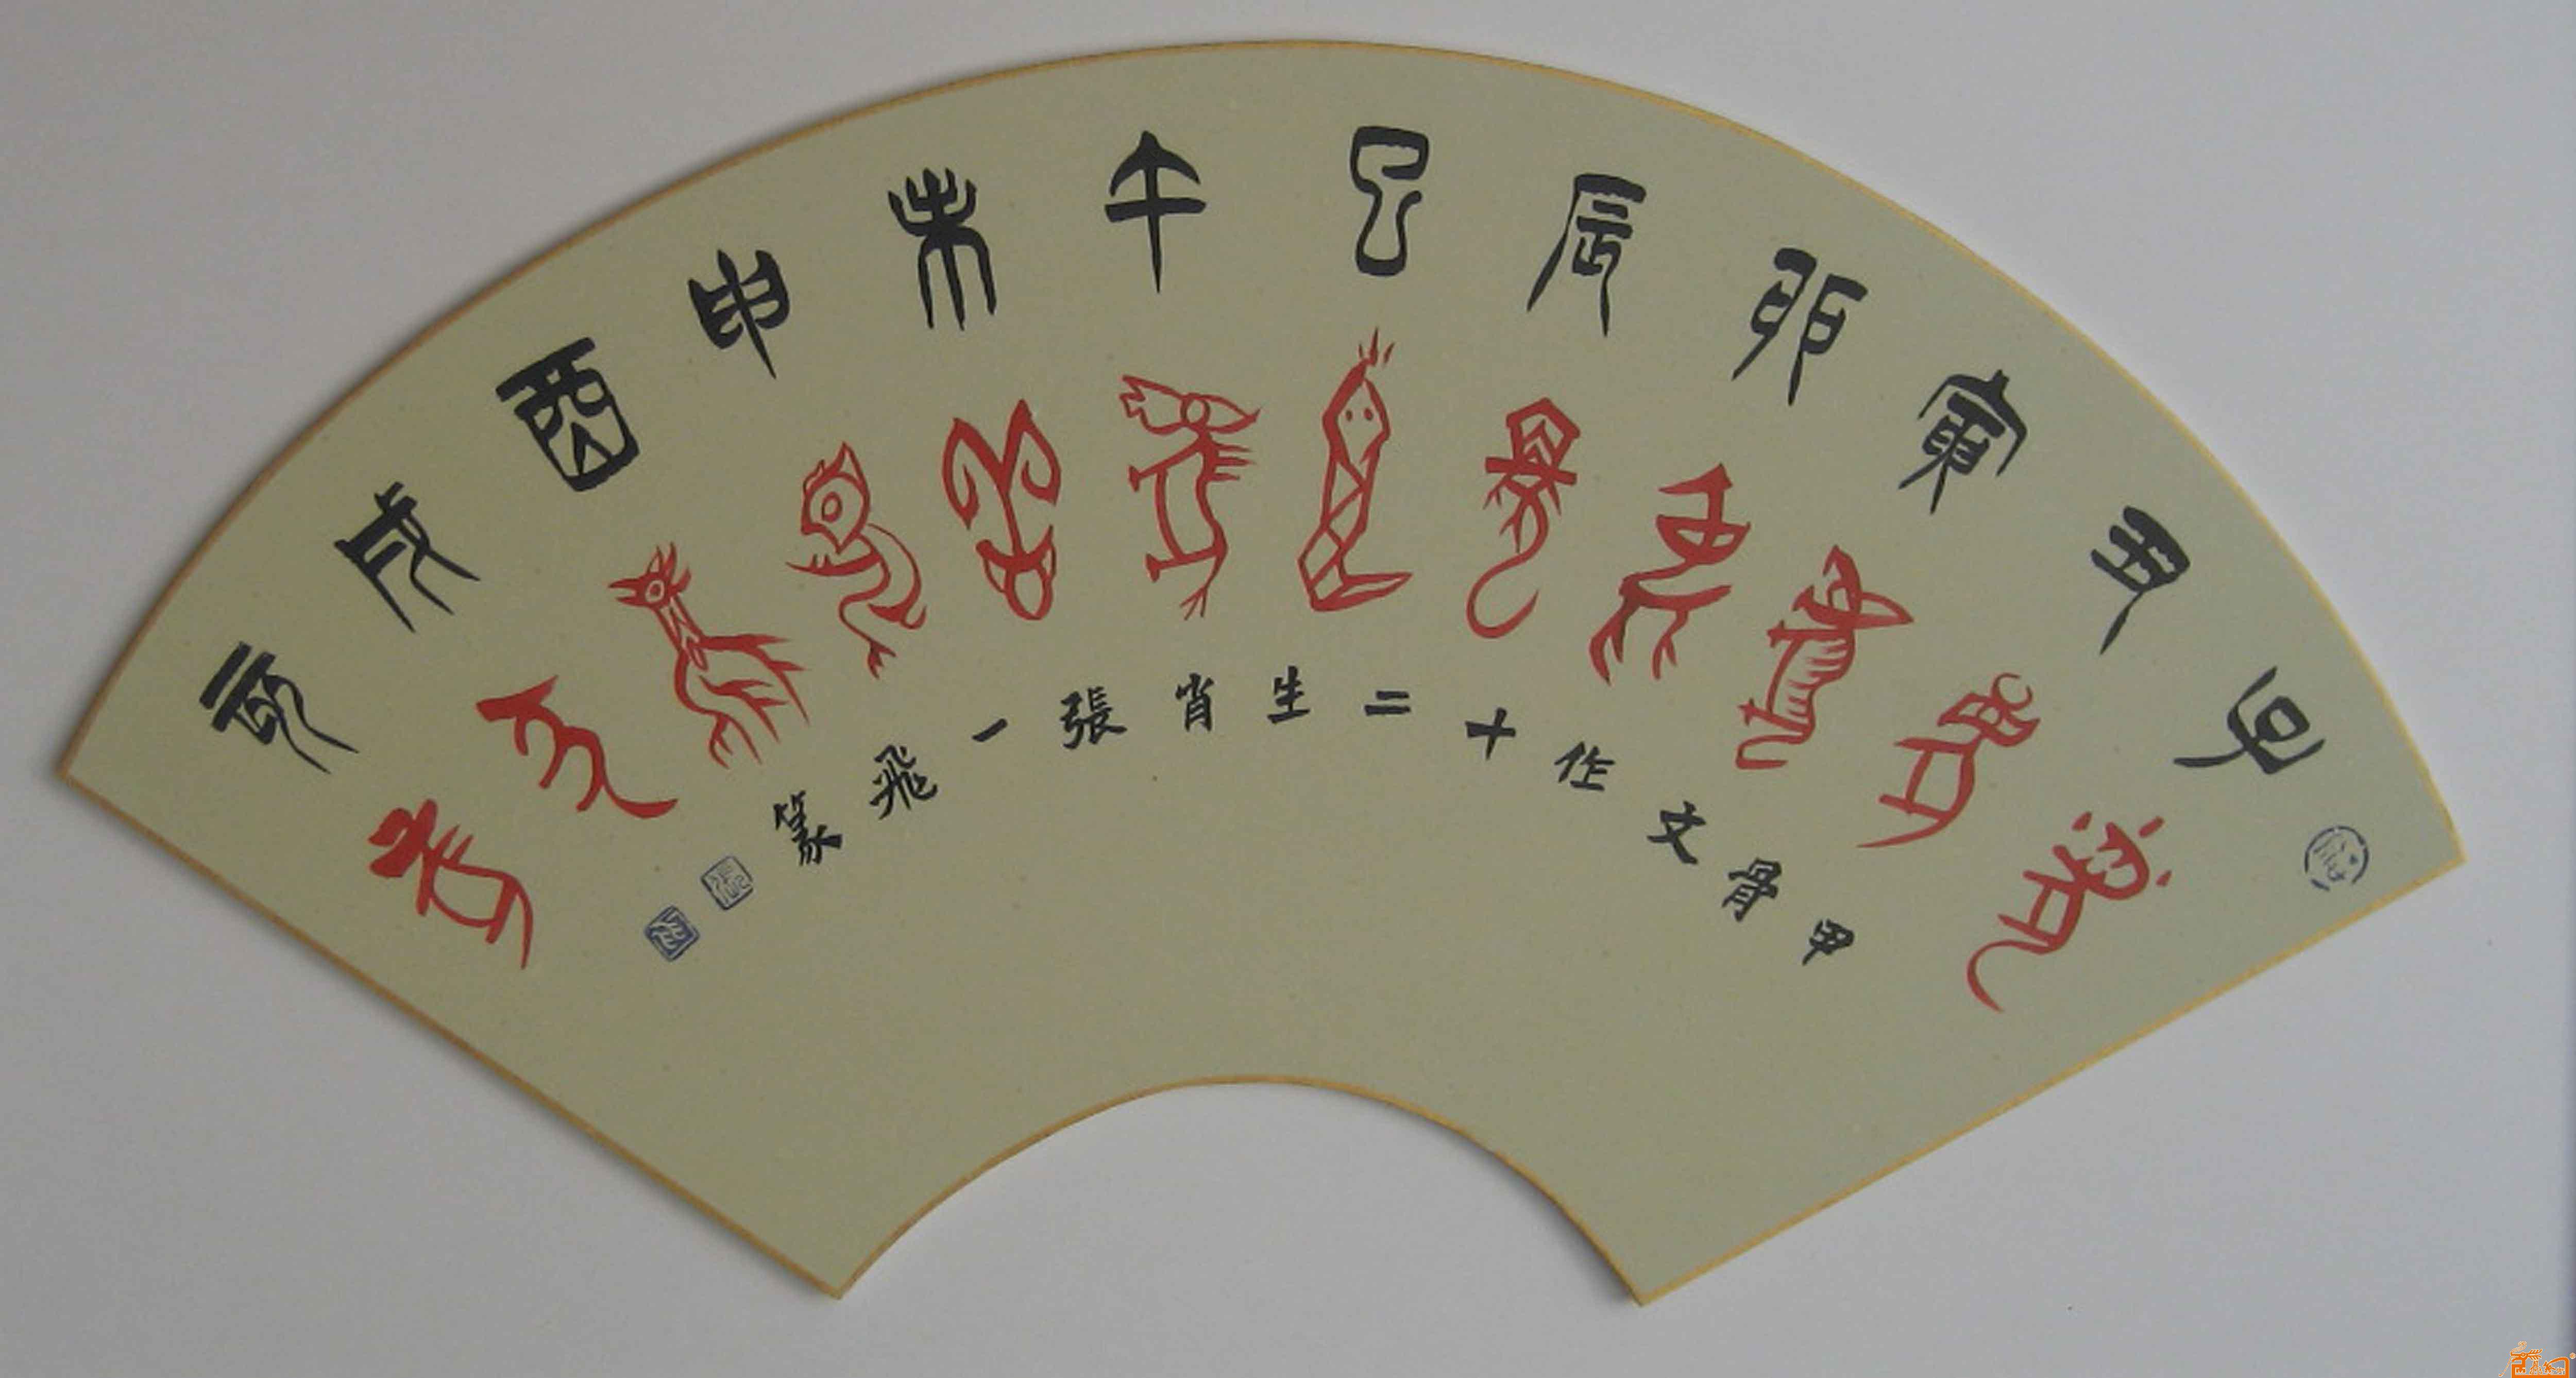 张一飞-甲骨文:十二生肖图-淘宝-名人字画-中国书画图片